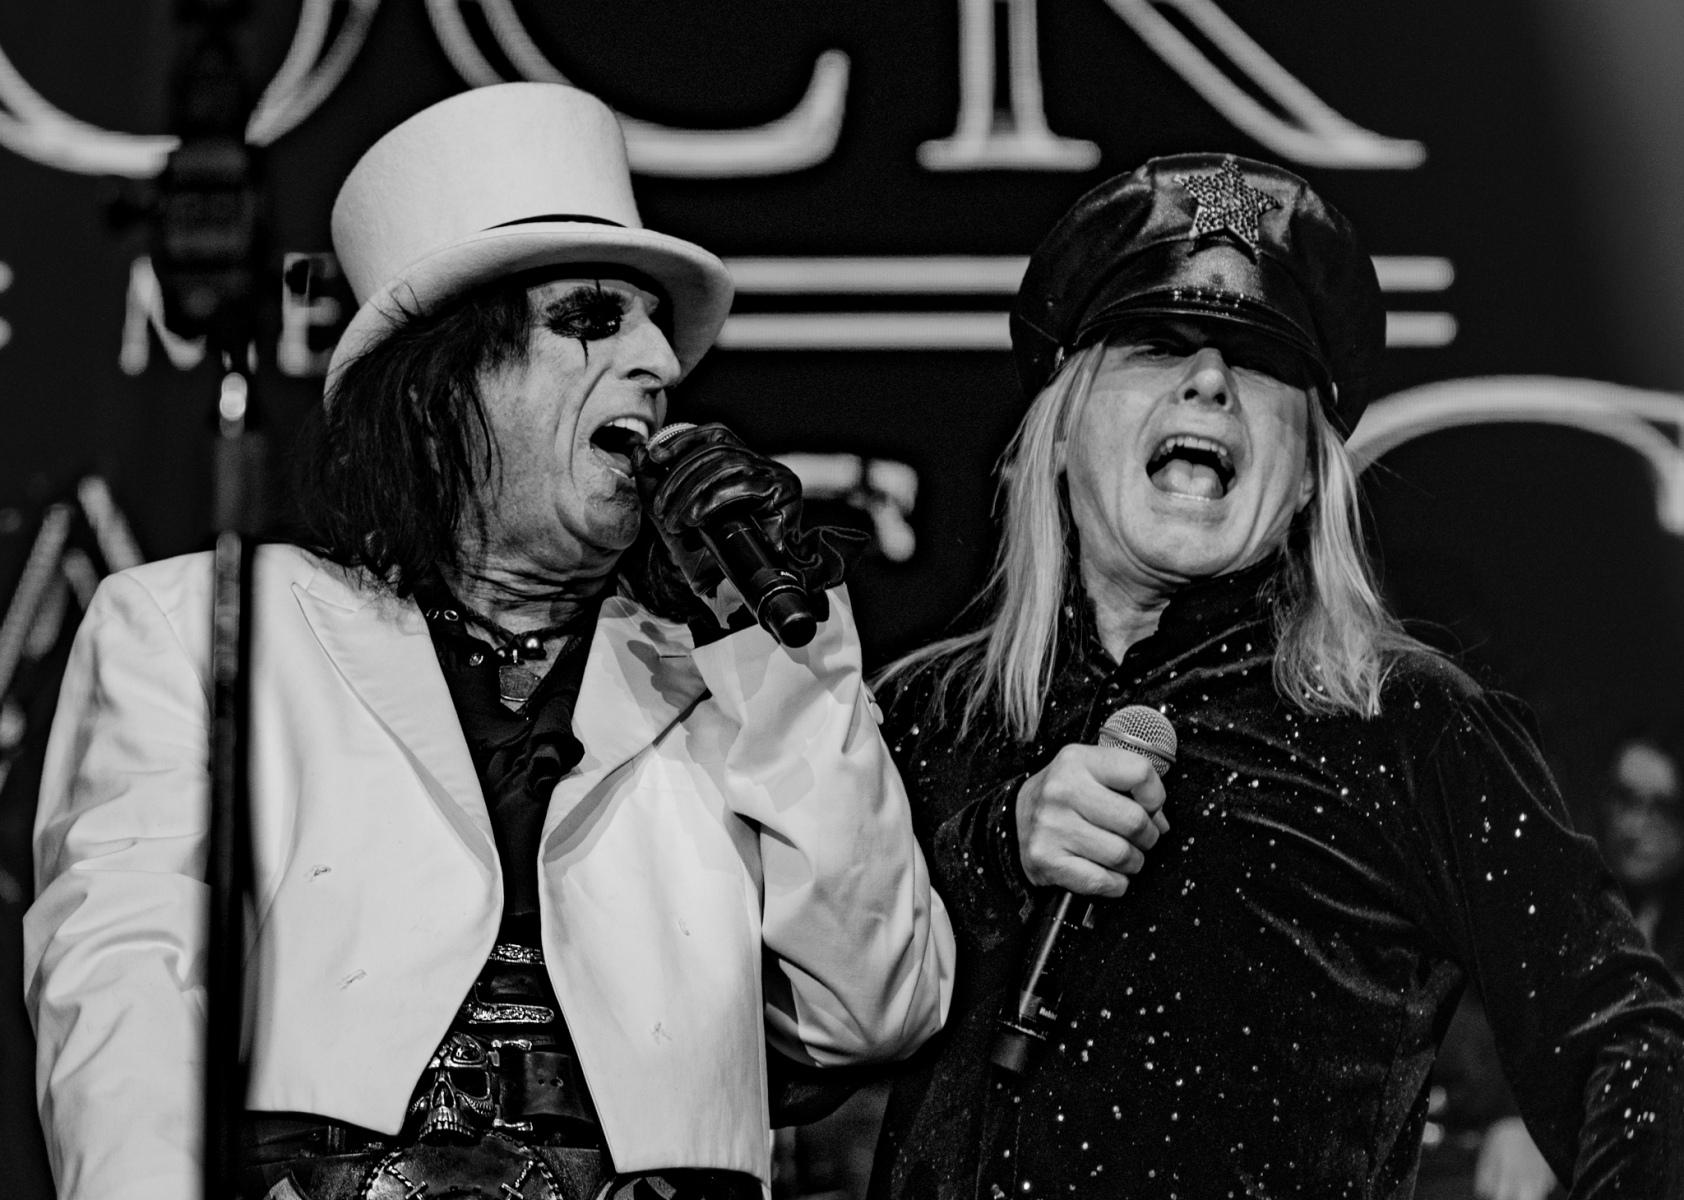 rock-meets-classic-07-03-2020-0767